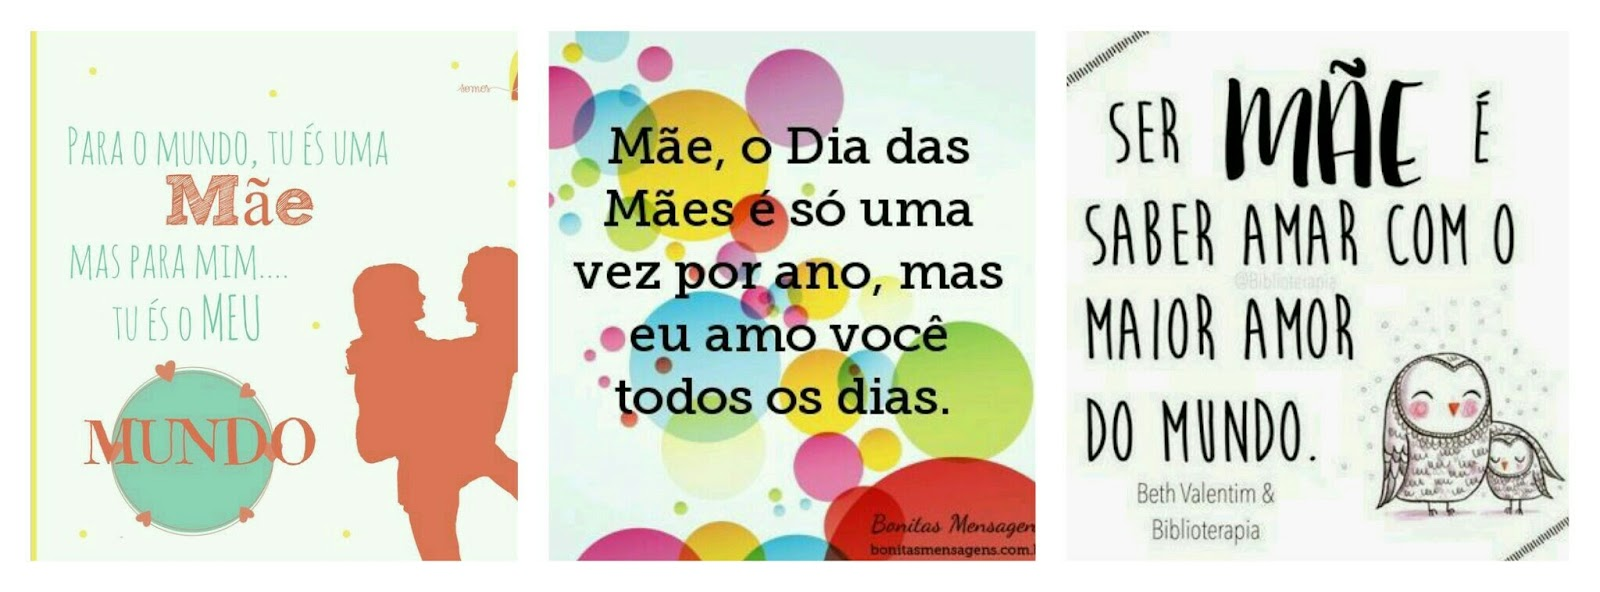 Artesanía Bijuterias Por Dalila Gomes 12 Frases Para O Dia Das Mães